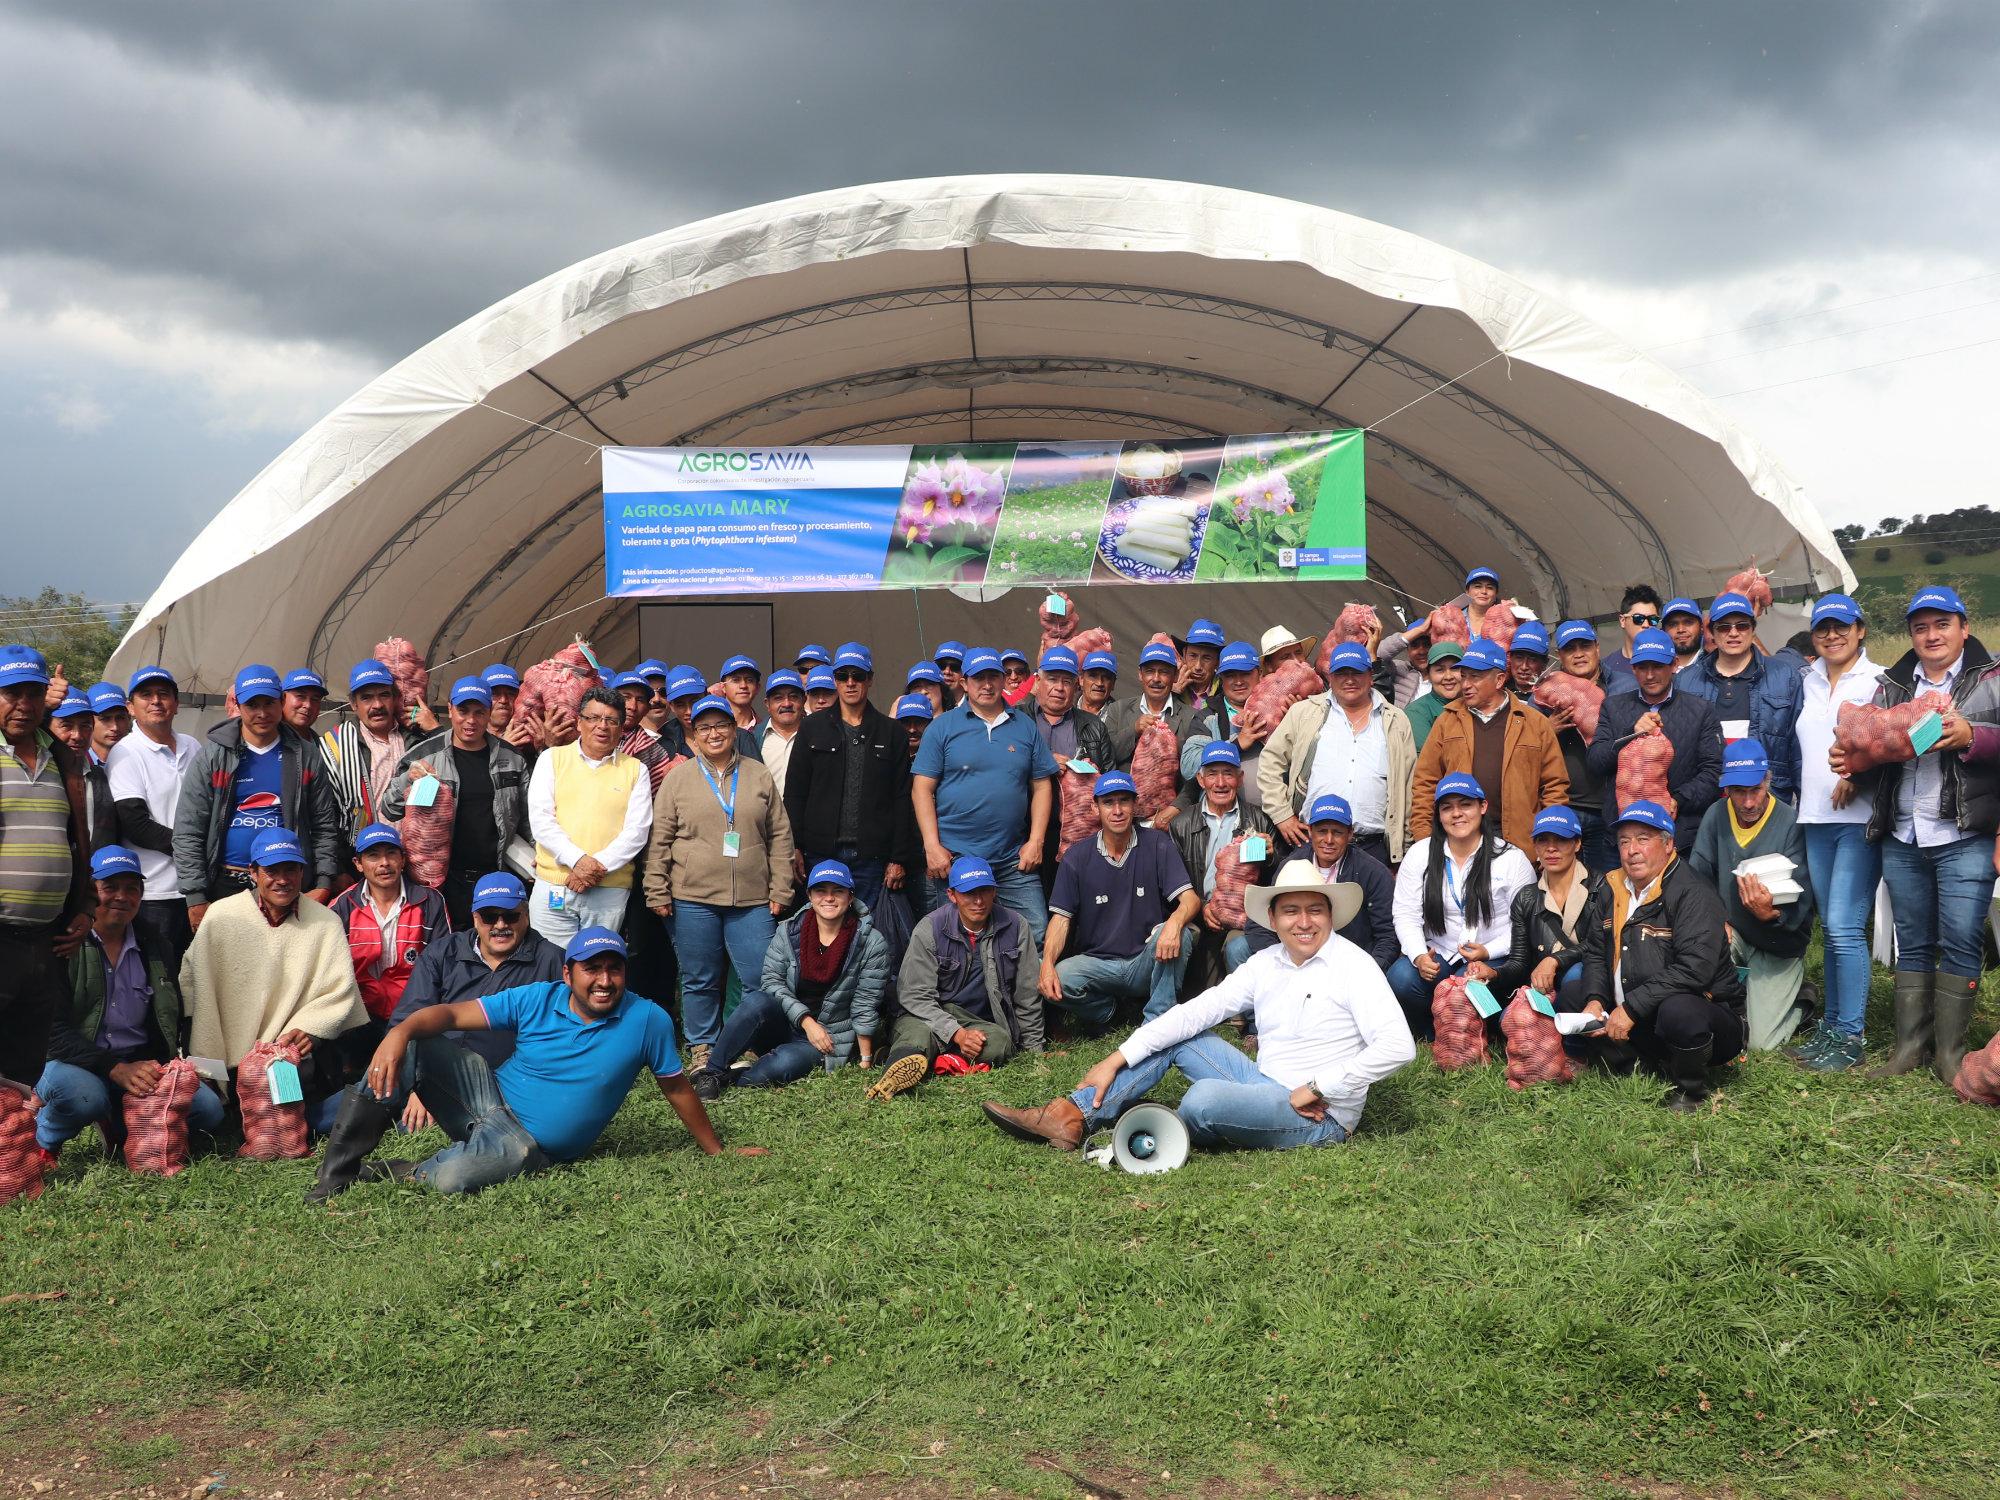 Se lanzó la variedad de papa AGROSAVIA Mary ante productores de Cundinamarca y Boyacá